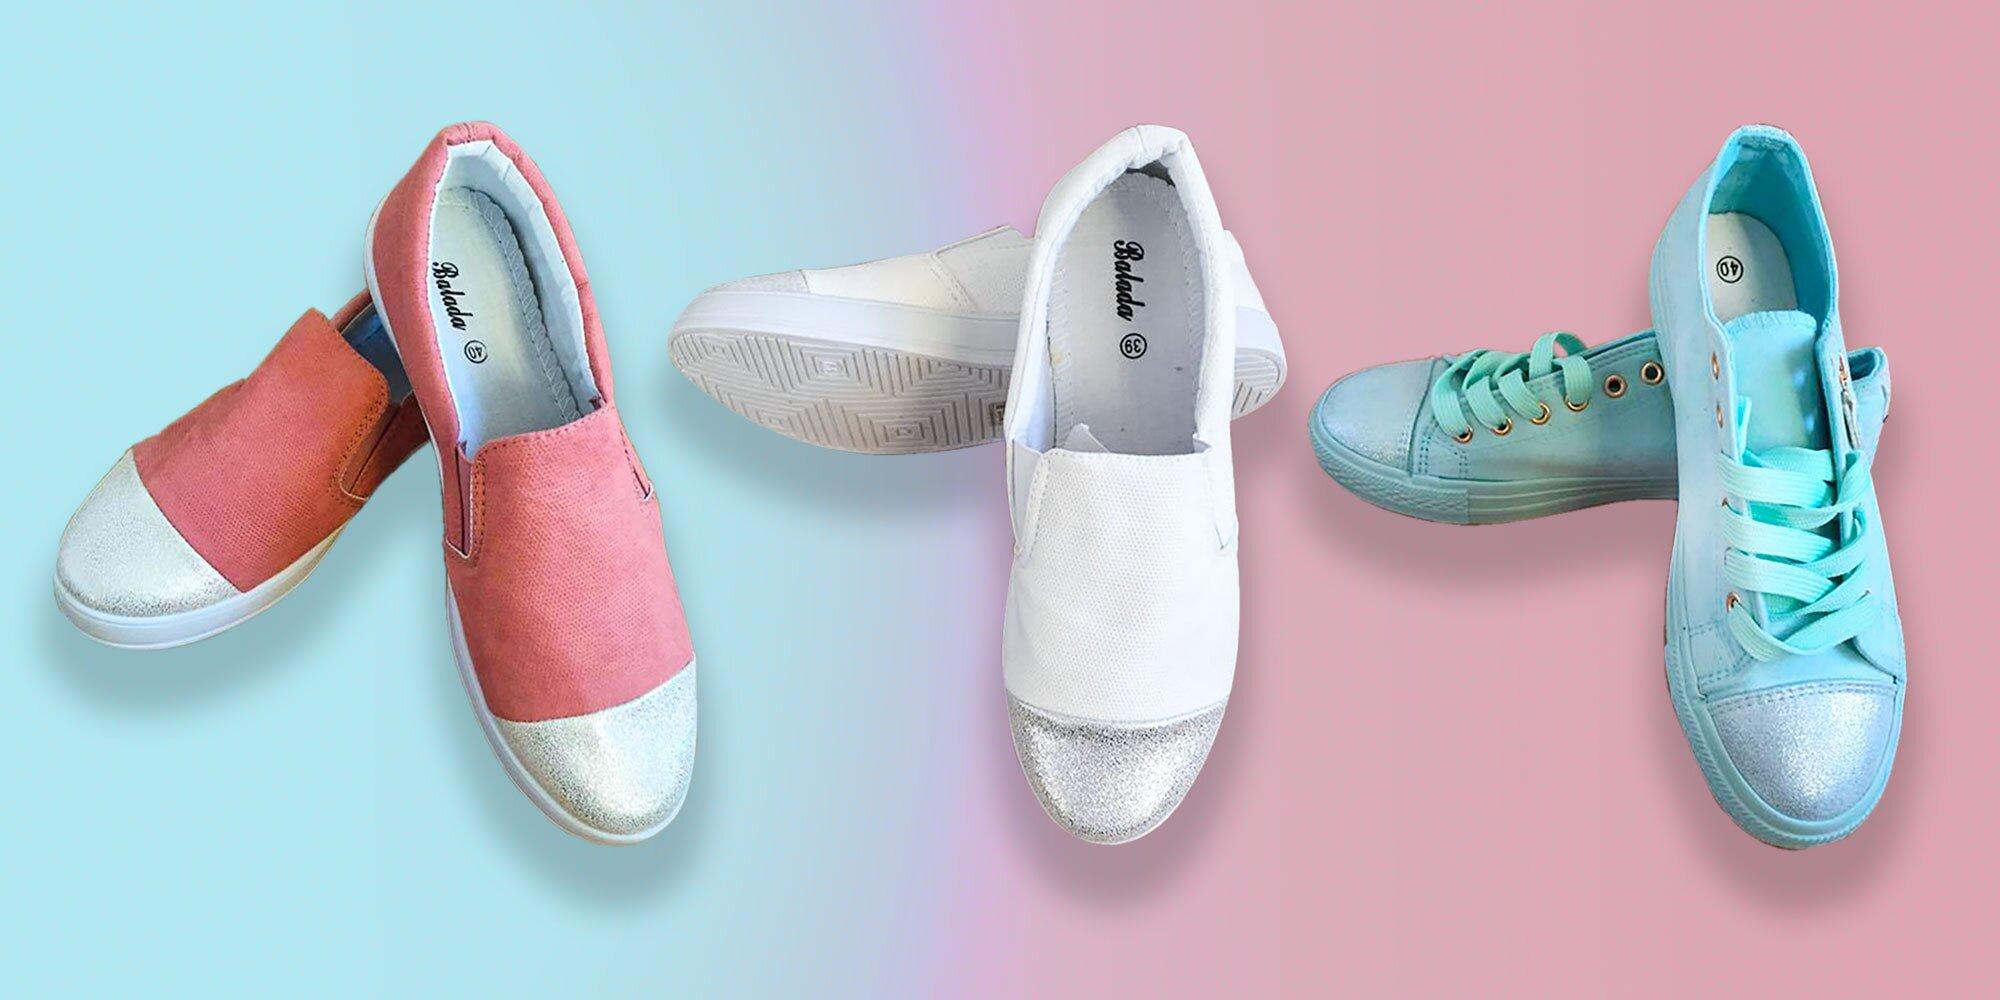 Dámske športové topánky pre veselšiu jar  1ec2ea70fbb